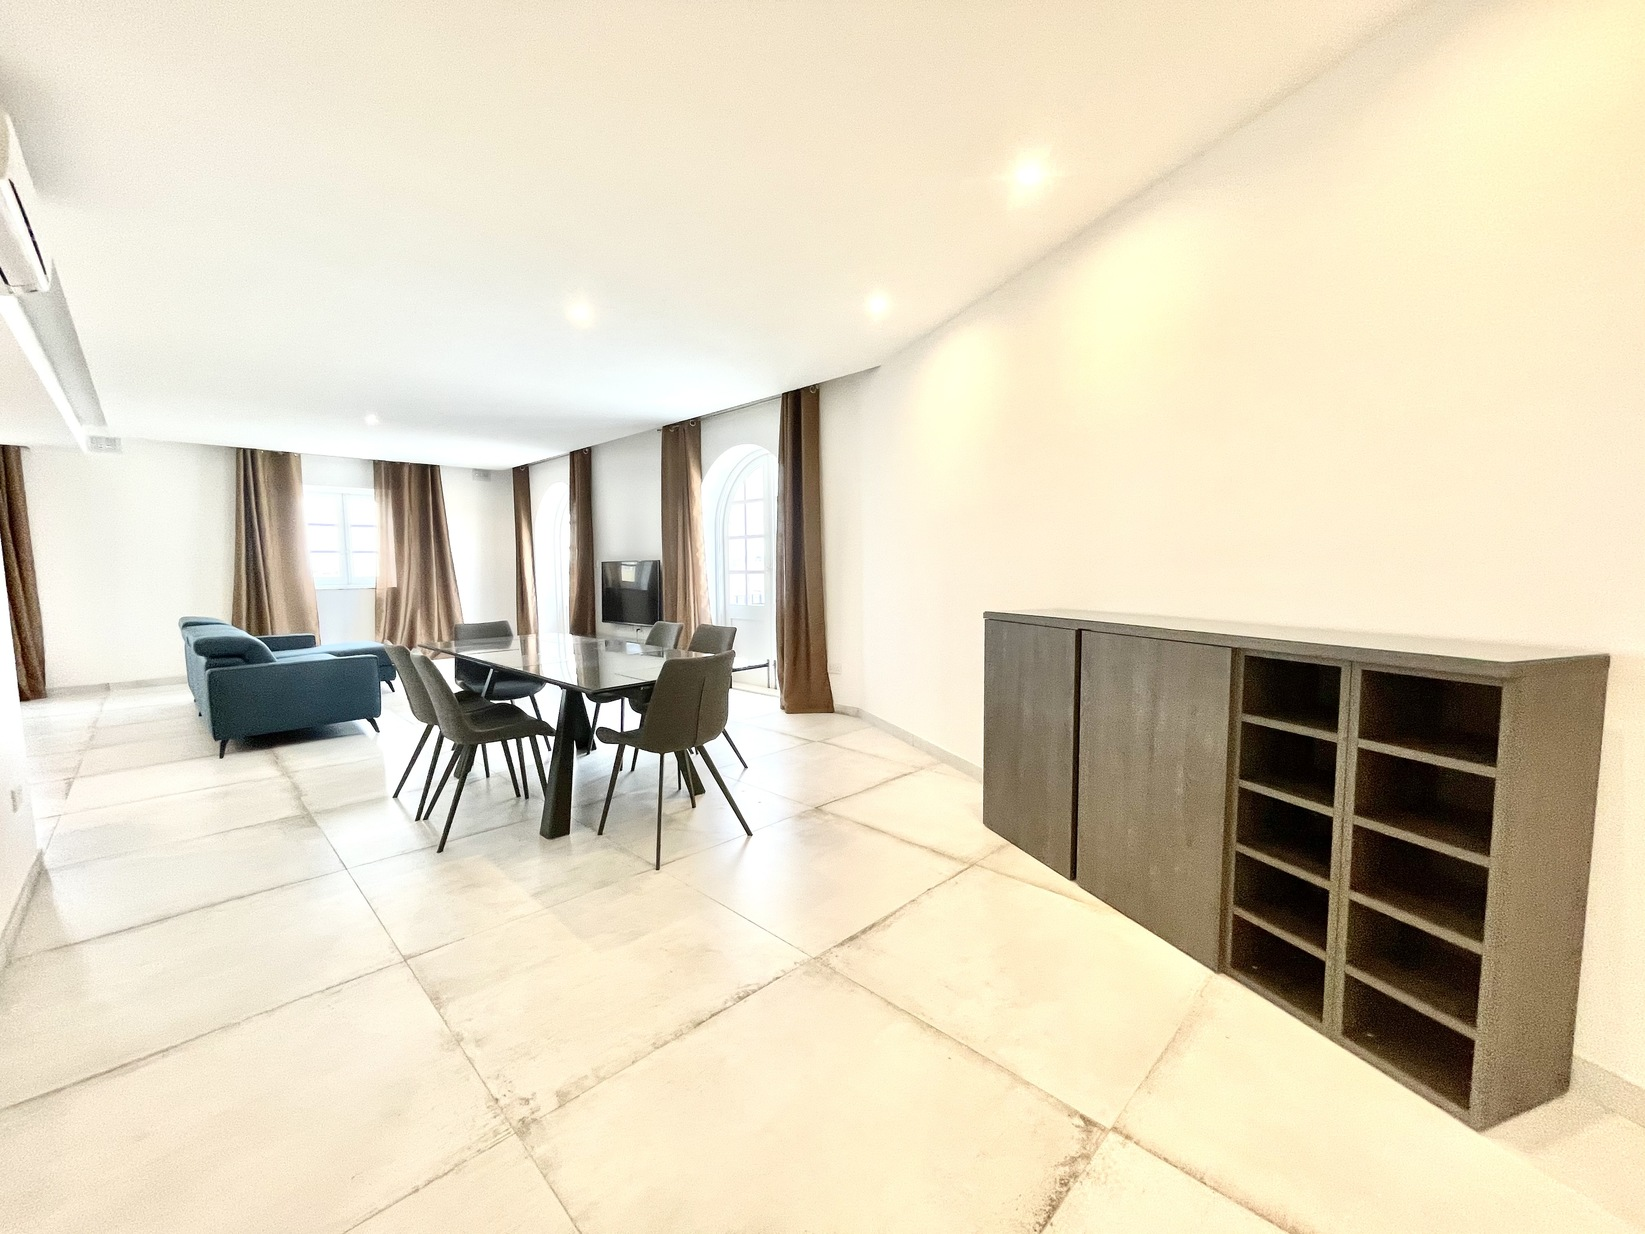 3 bed Apartment For Rent in Kalkara, Kalkara - thumb 4